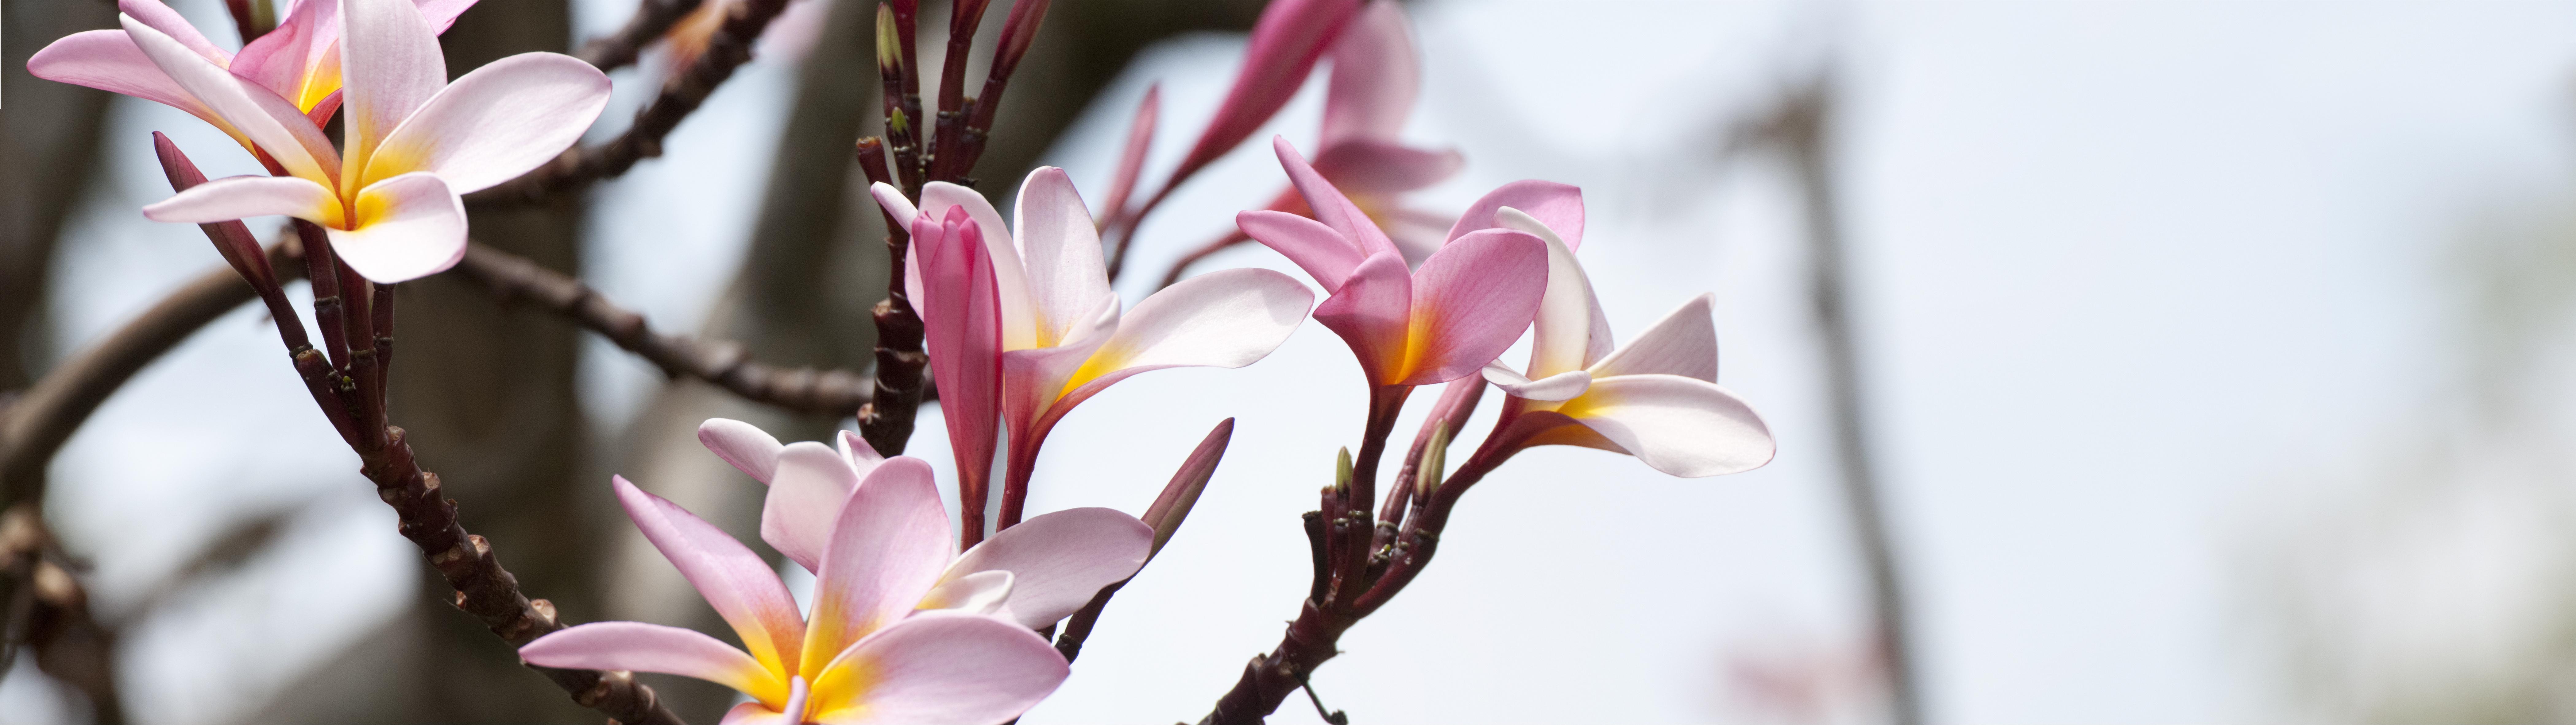 Панорамное фото цветы в высоком разрешении